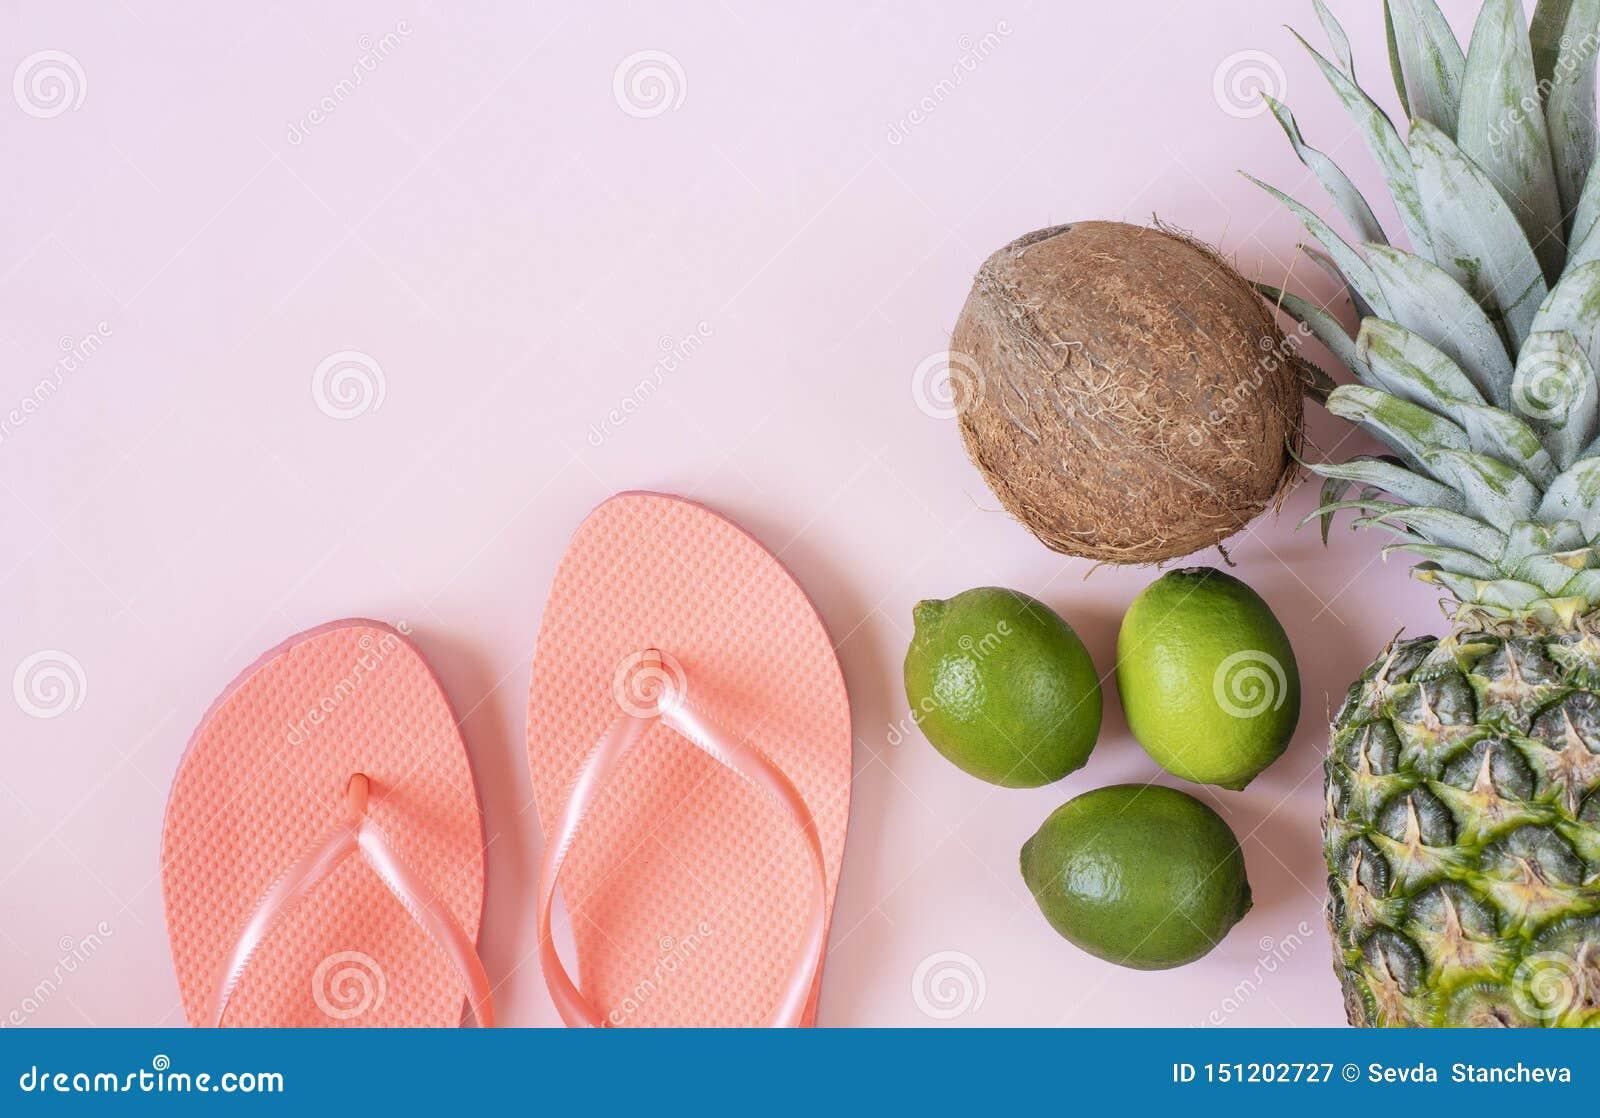 Strandtillbehör på rosa bakgrund - ananas, kokosnöt, limefrukt, badskor Sommar ?r det kommande begreppet